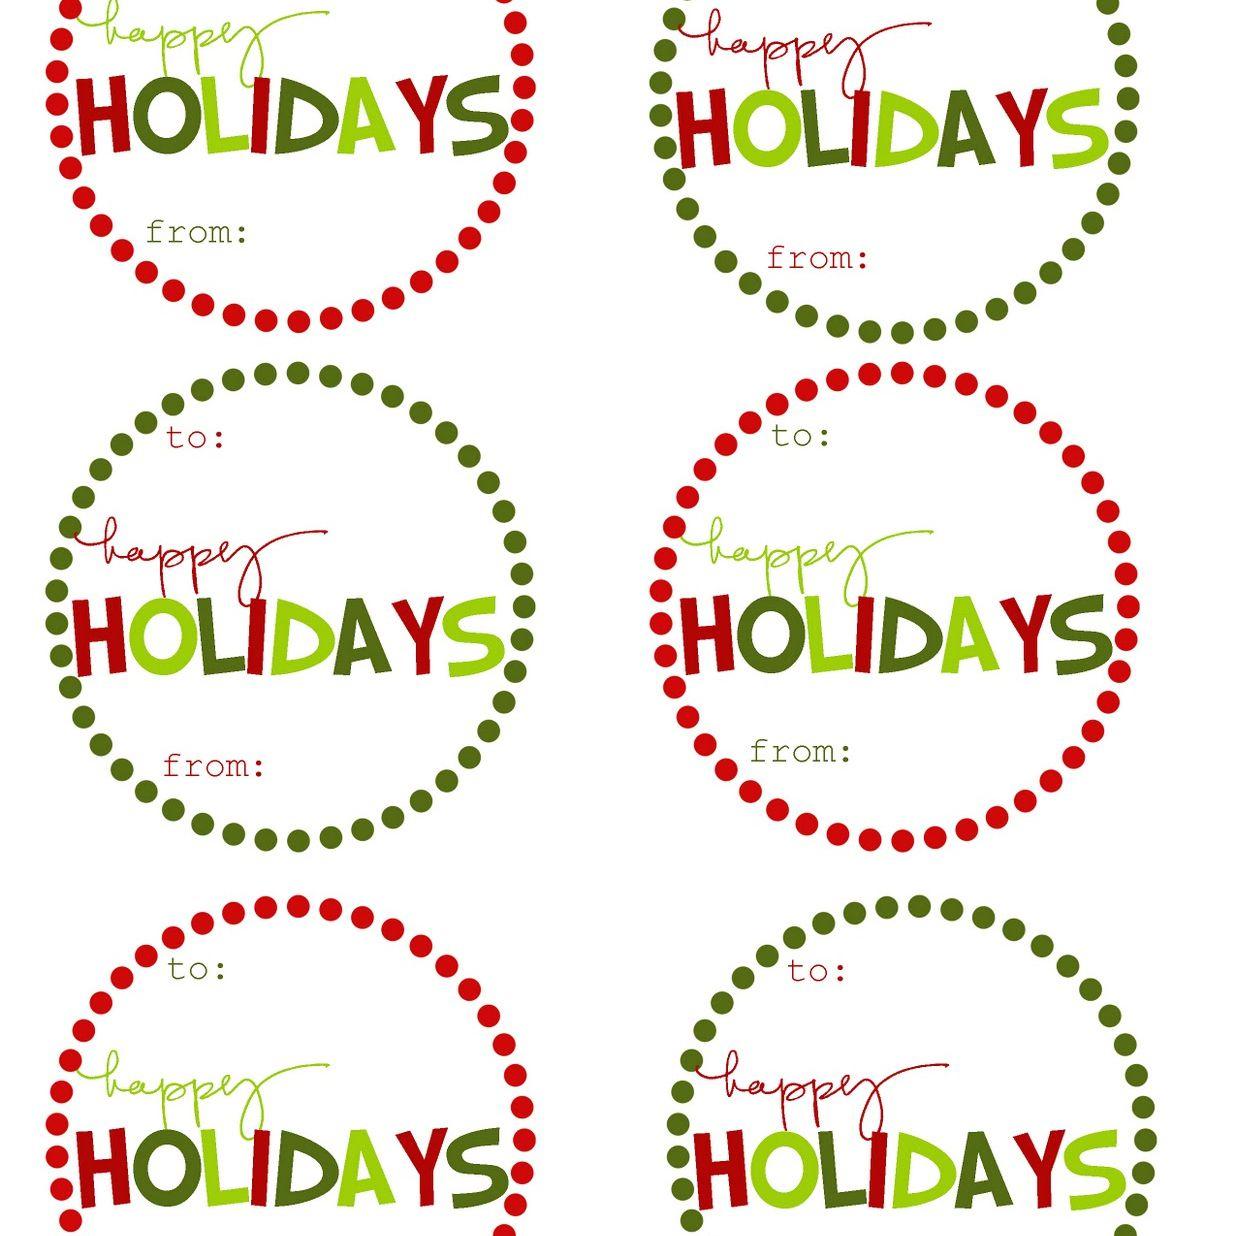 40 Sets Of Free Printable Christmas Gift Tags - Free Printable Christmas Gift Tags